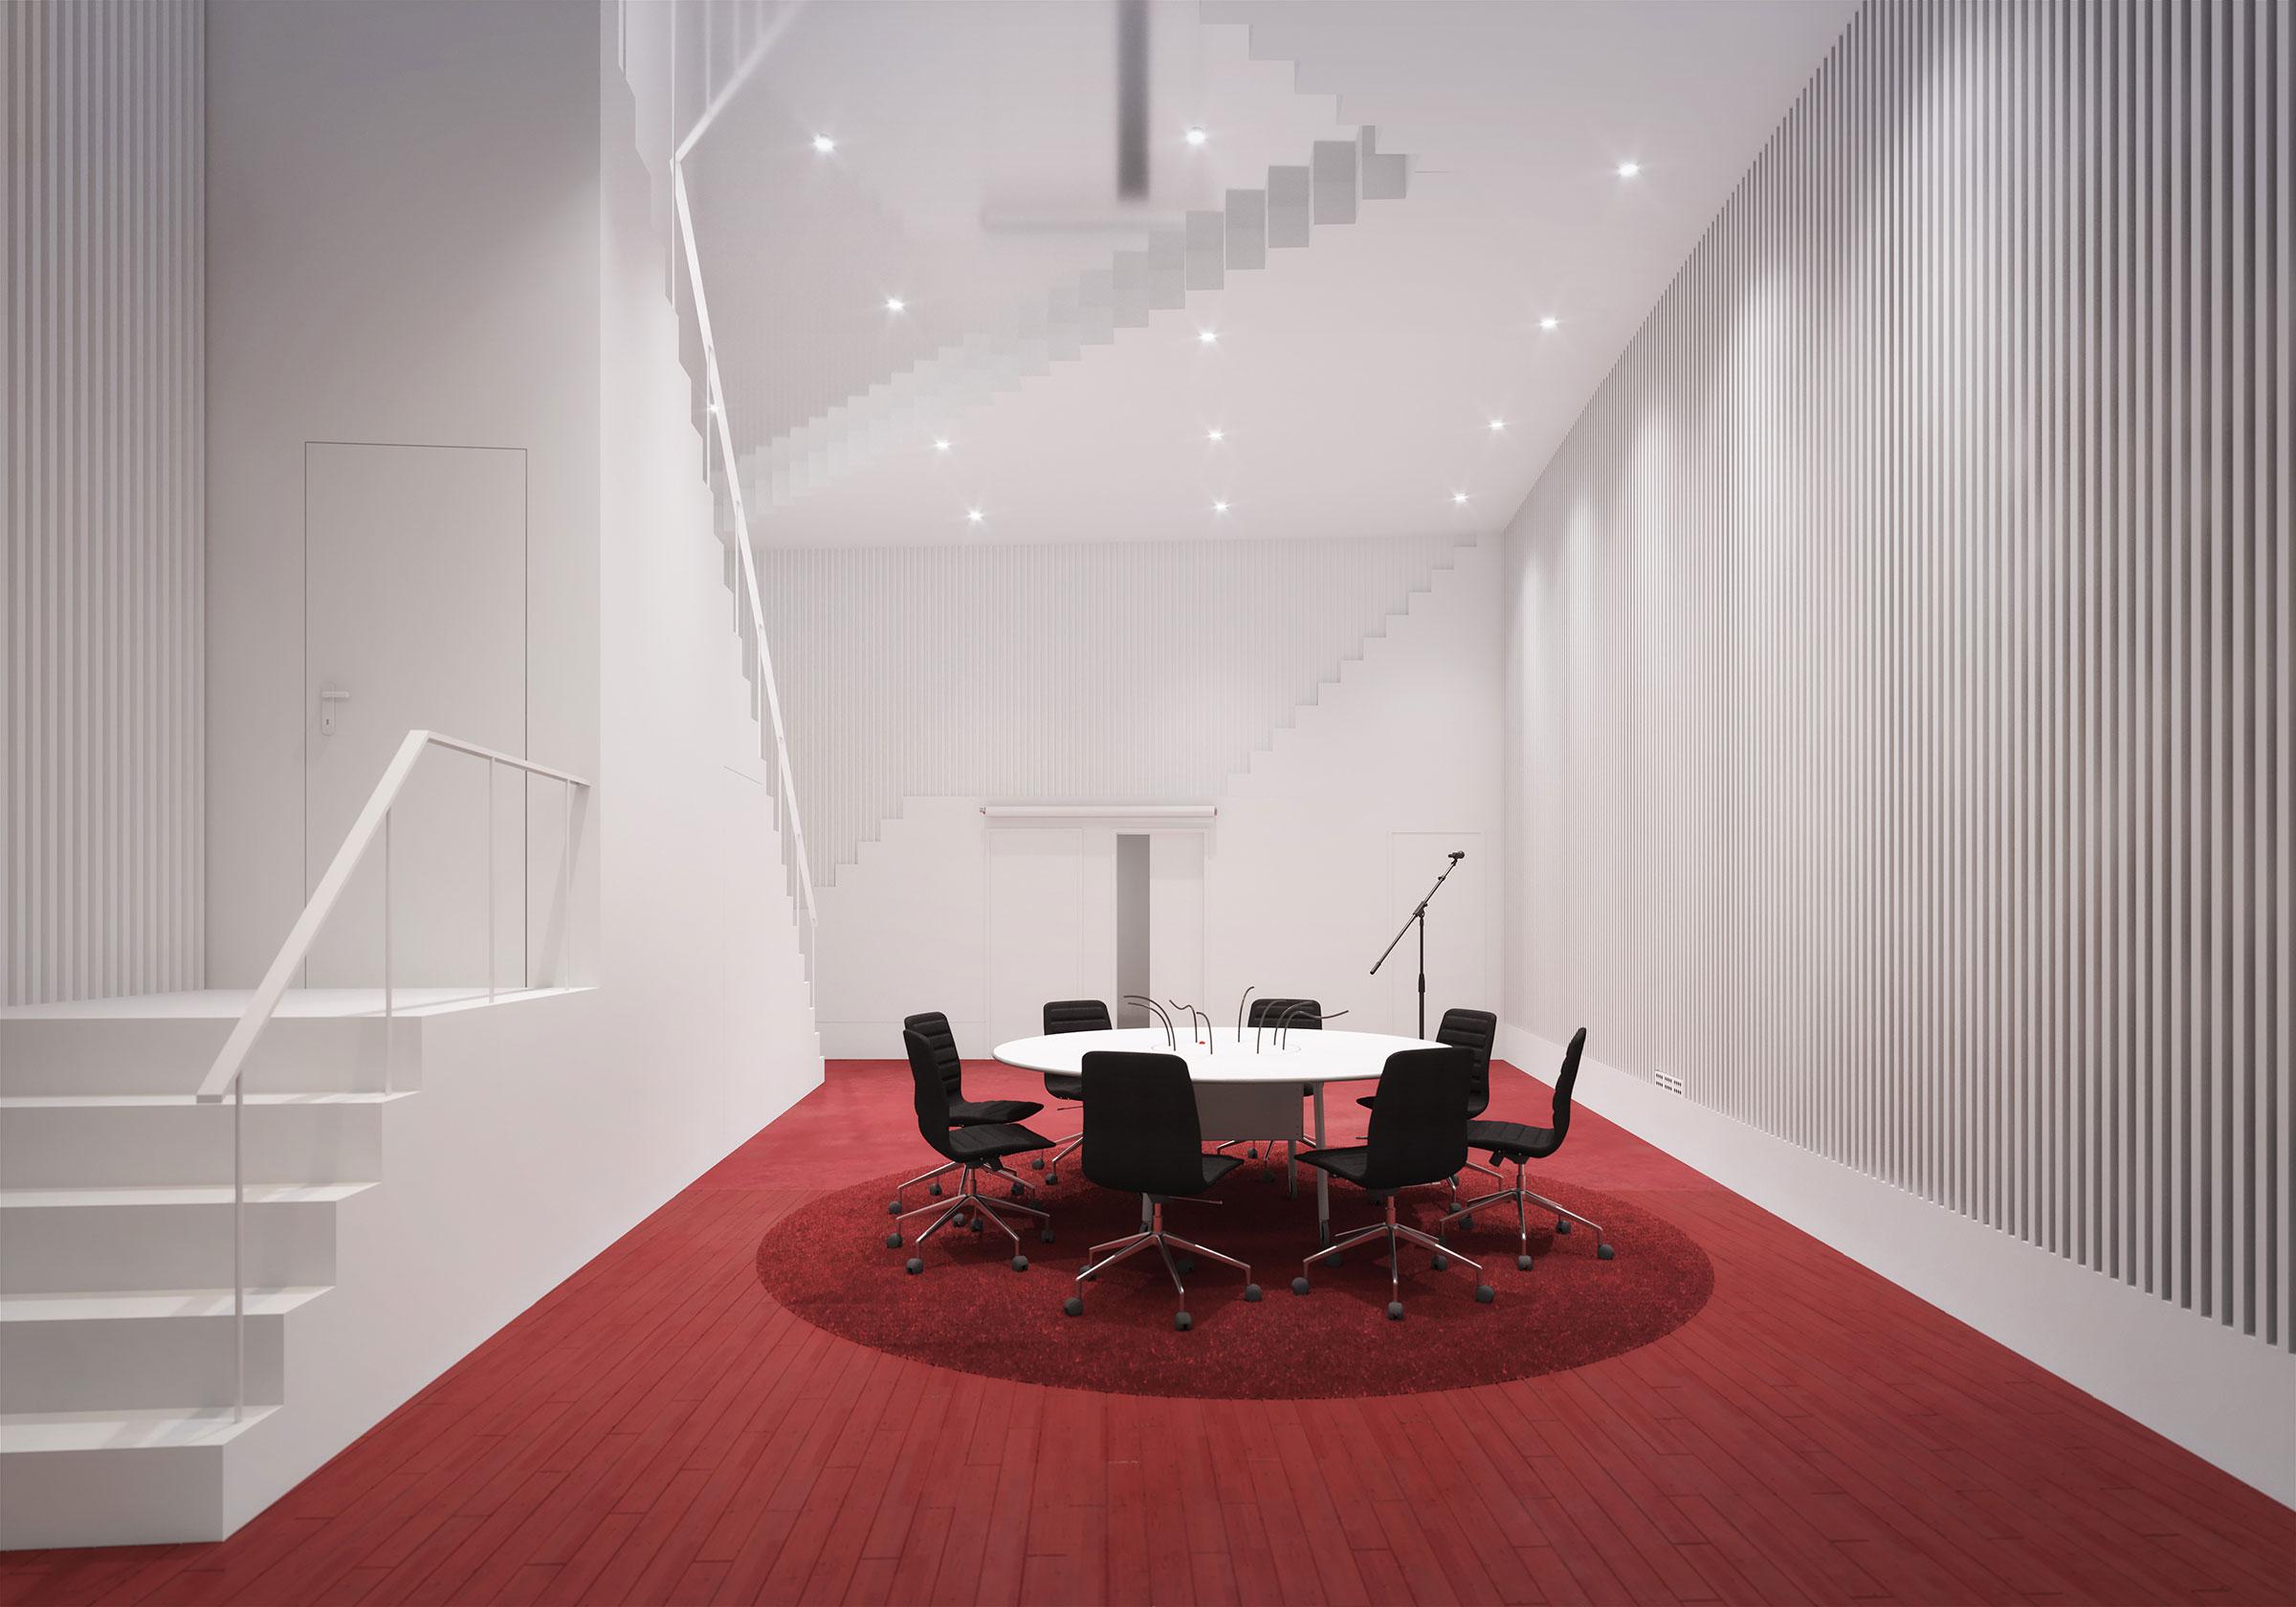 Perspective du studio 115 réalisés par LEMON SARL sur la base de l'avant-projet.<br />Consacrés principalement à la production de fictions radiophoniques, les studios 115, 116 et 117 seront équipés d'une chambre sourde.<br />© R architecture / WSP / RADIO FRANCE